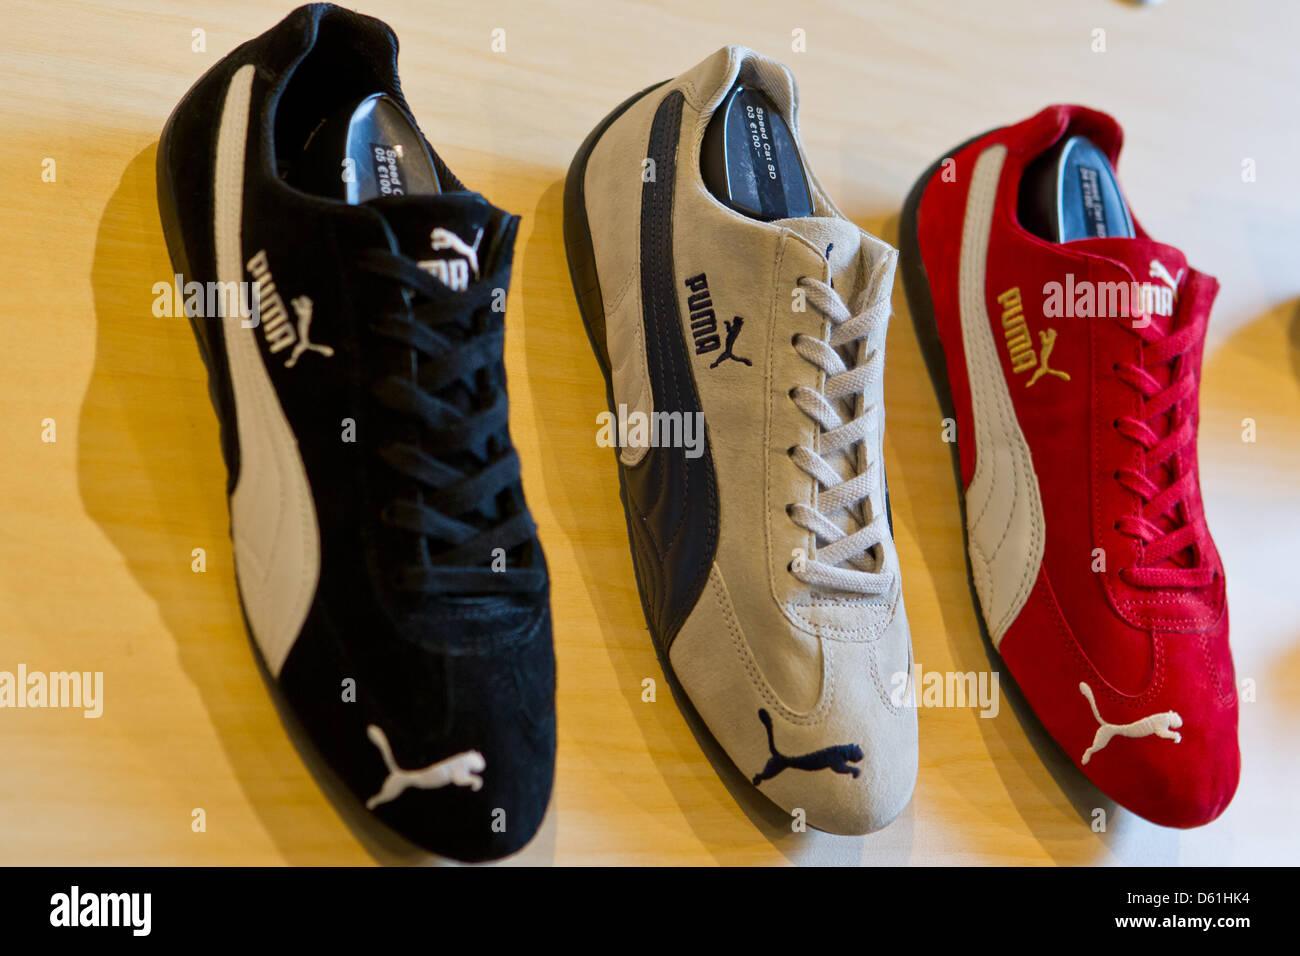 Shoes Sportswear Manufacturer Puma Displayed Stockfotos und